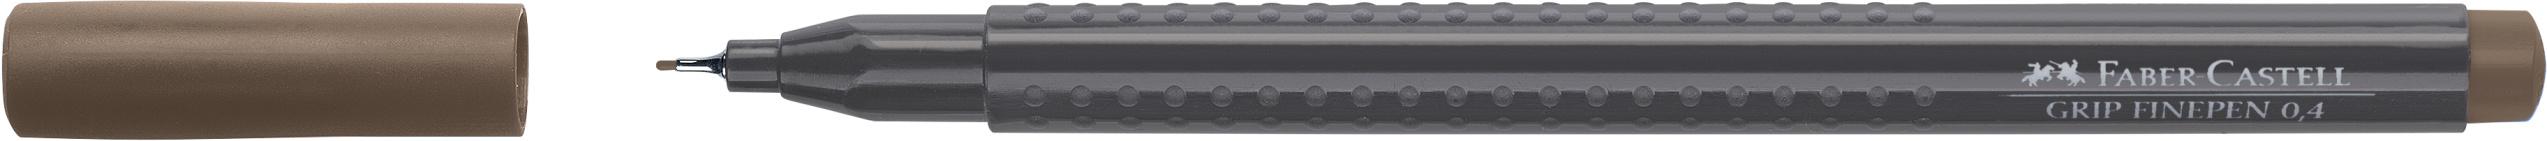 Ручка капиллярная FC Grip Finepen 0.4мм коричневый / охра